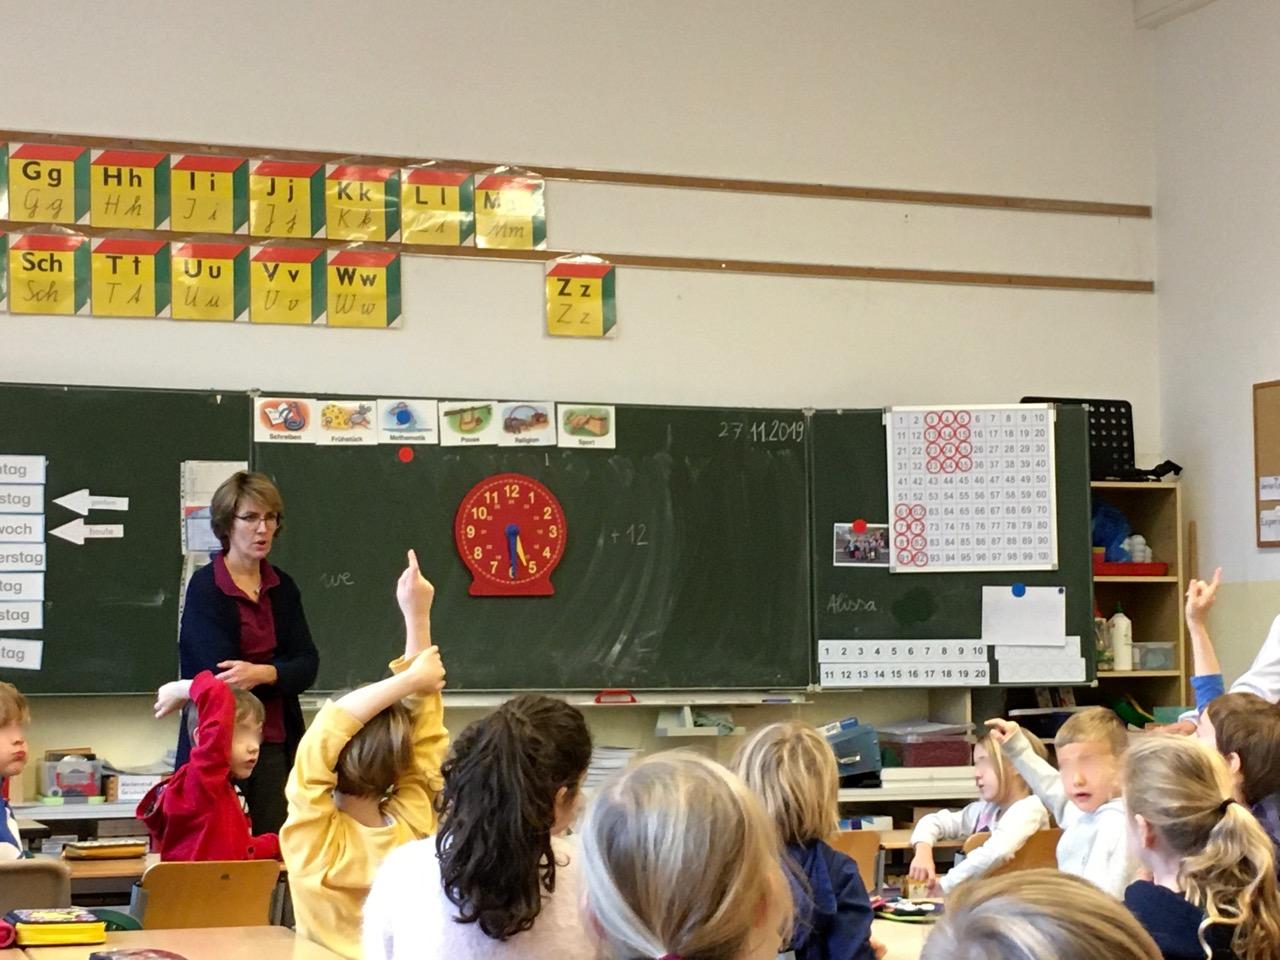 ドイツの小学校で授業参観4〜Hospitieren in der Grundschule〜